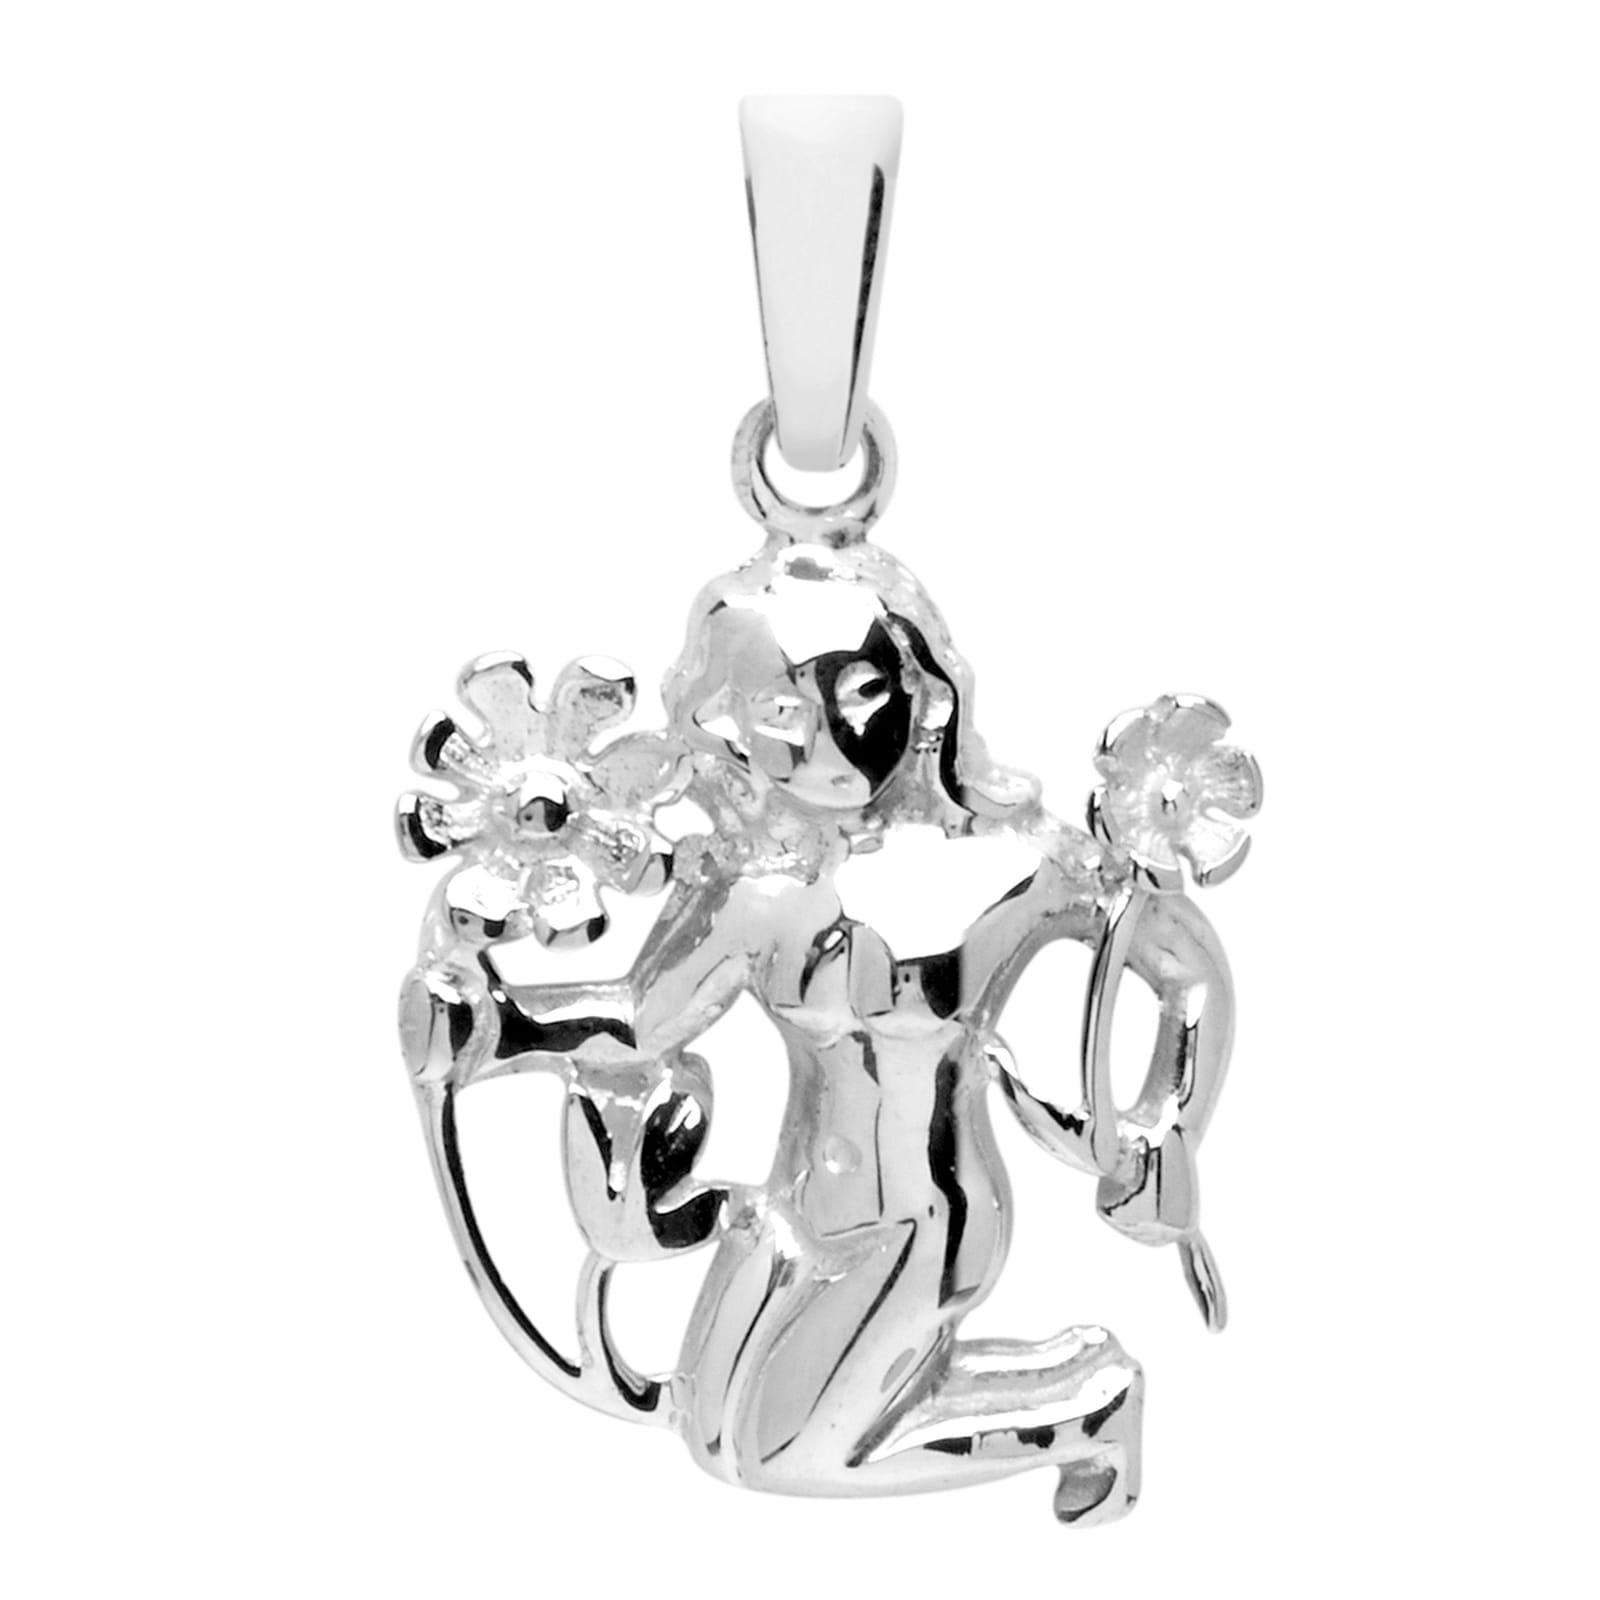 OSTSEE-SCHMUCK Kettenanhänger Tierkreiszeichen Jungfrau Silber 925/000 | Schmuck > Halsketten > Silberketten | Ostsee-Schmuck